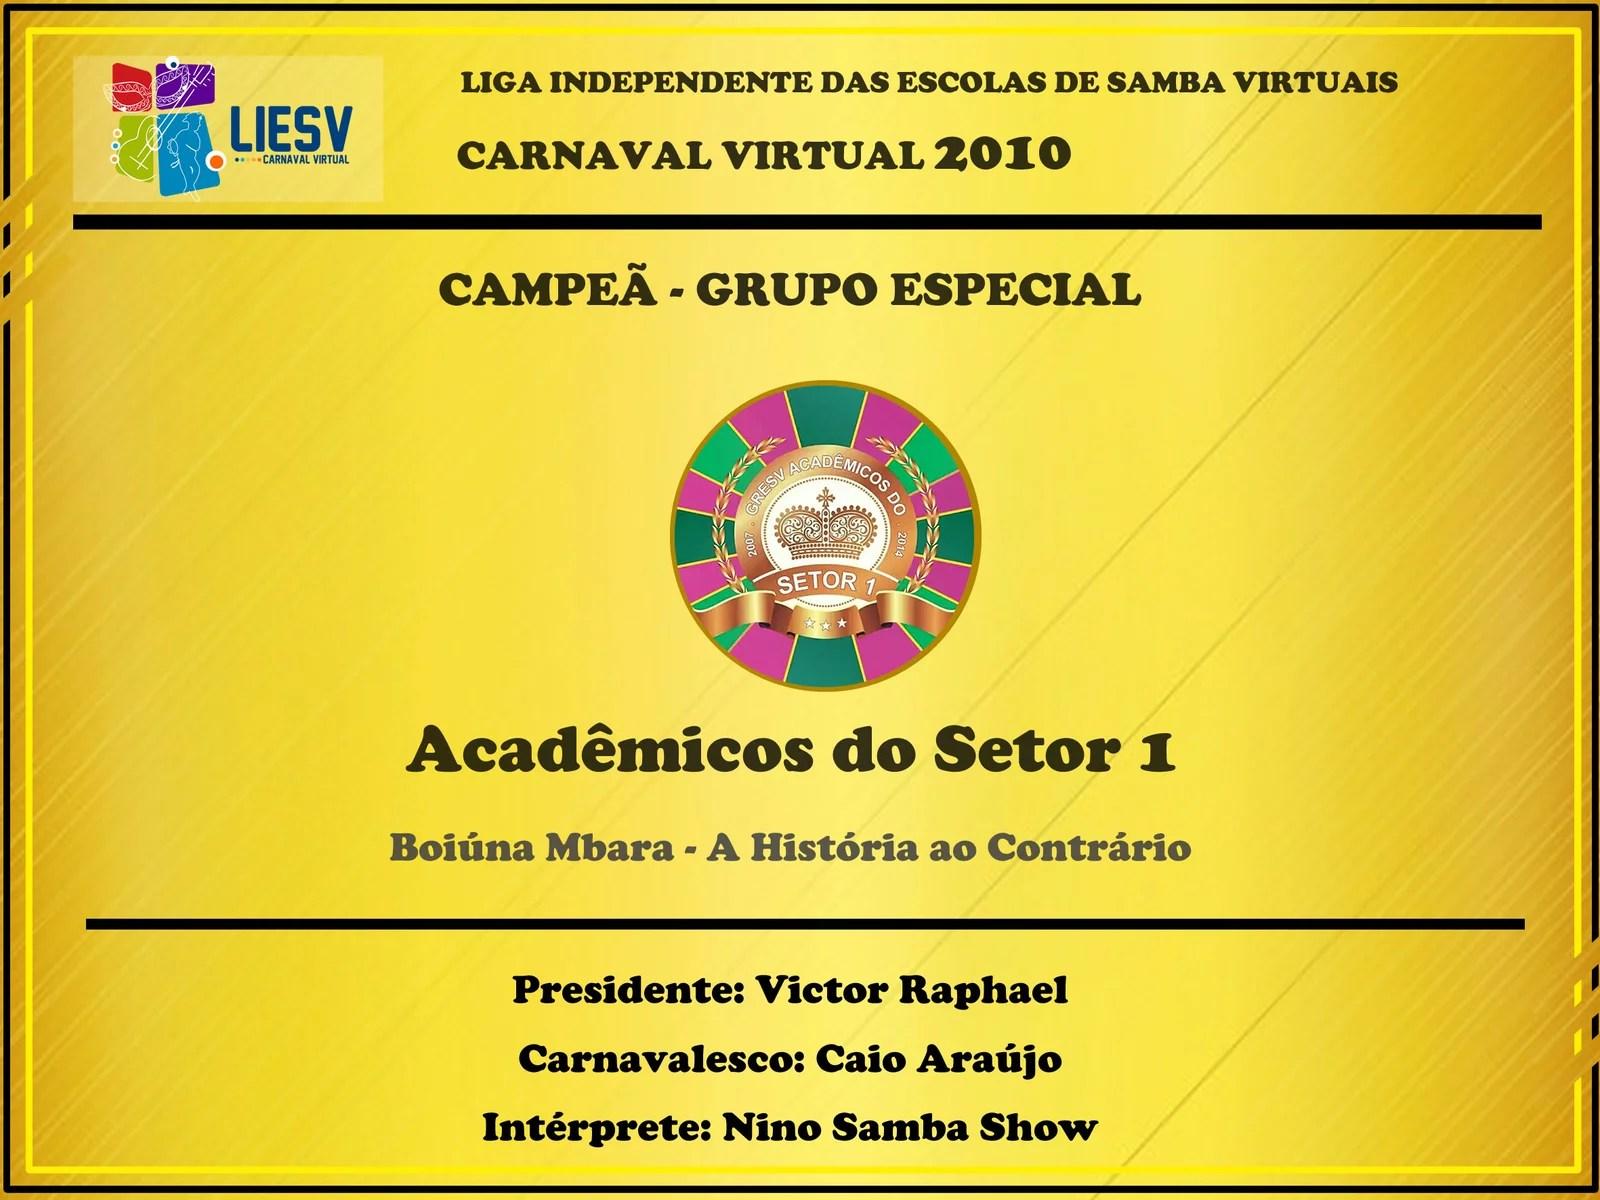 Acadêmicos do Setor 1 - Campeão do Carnaval Virtual 2010 - LIESV - Grupo Especial